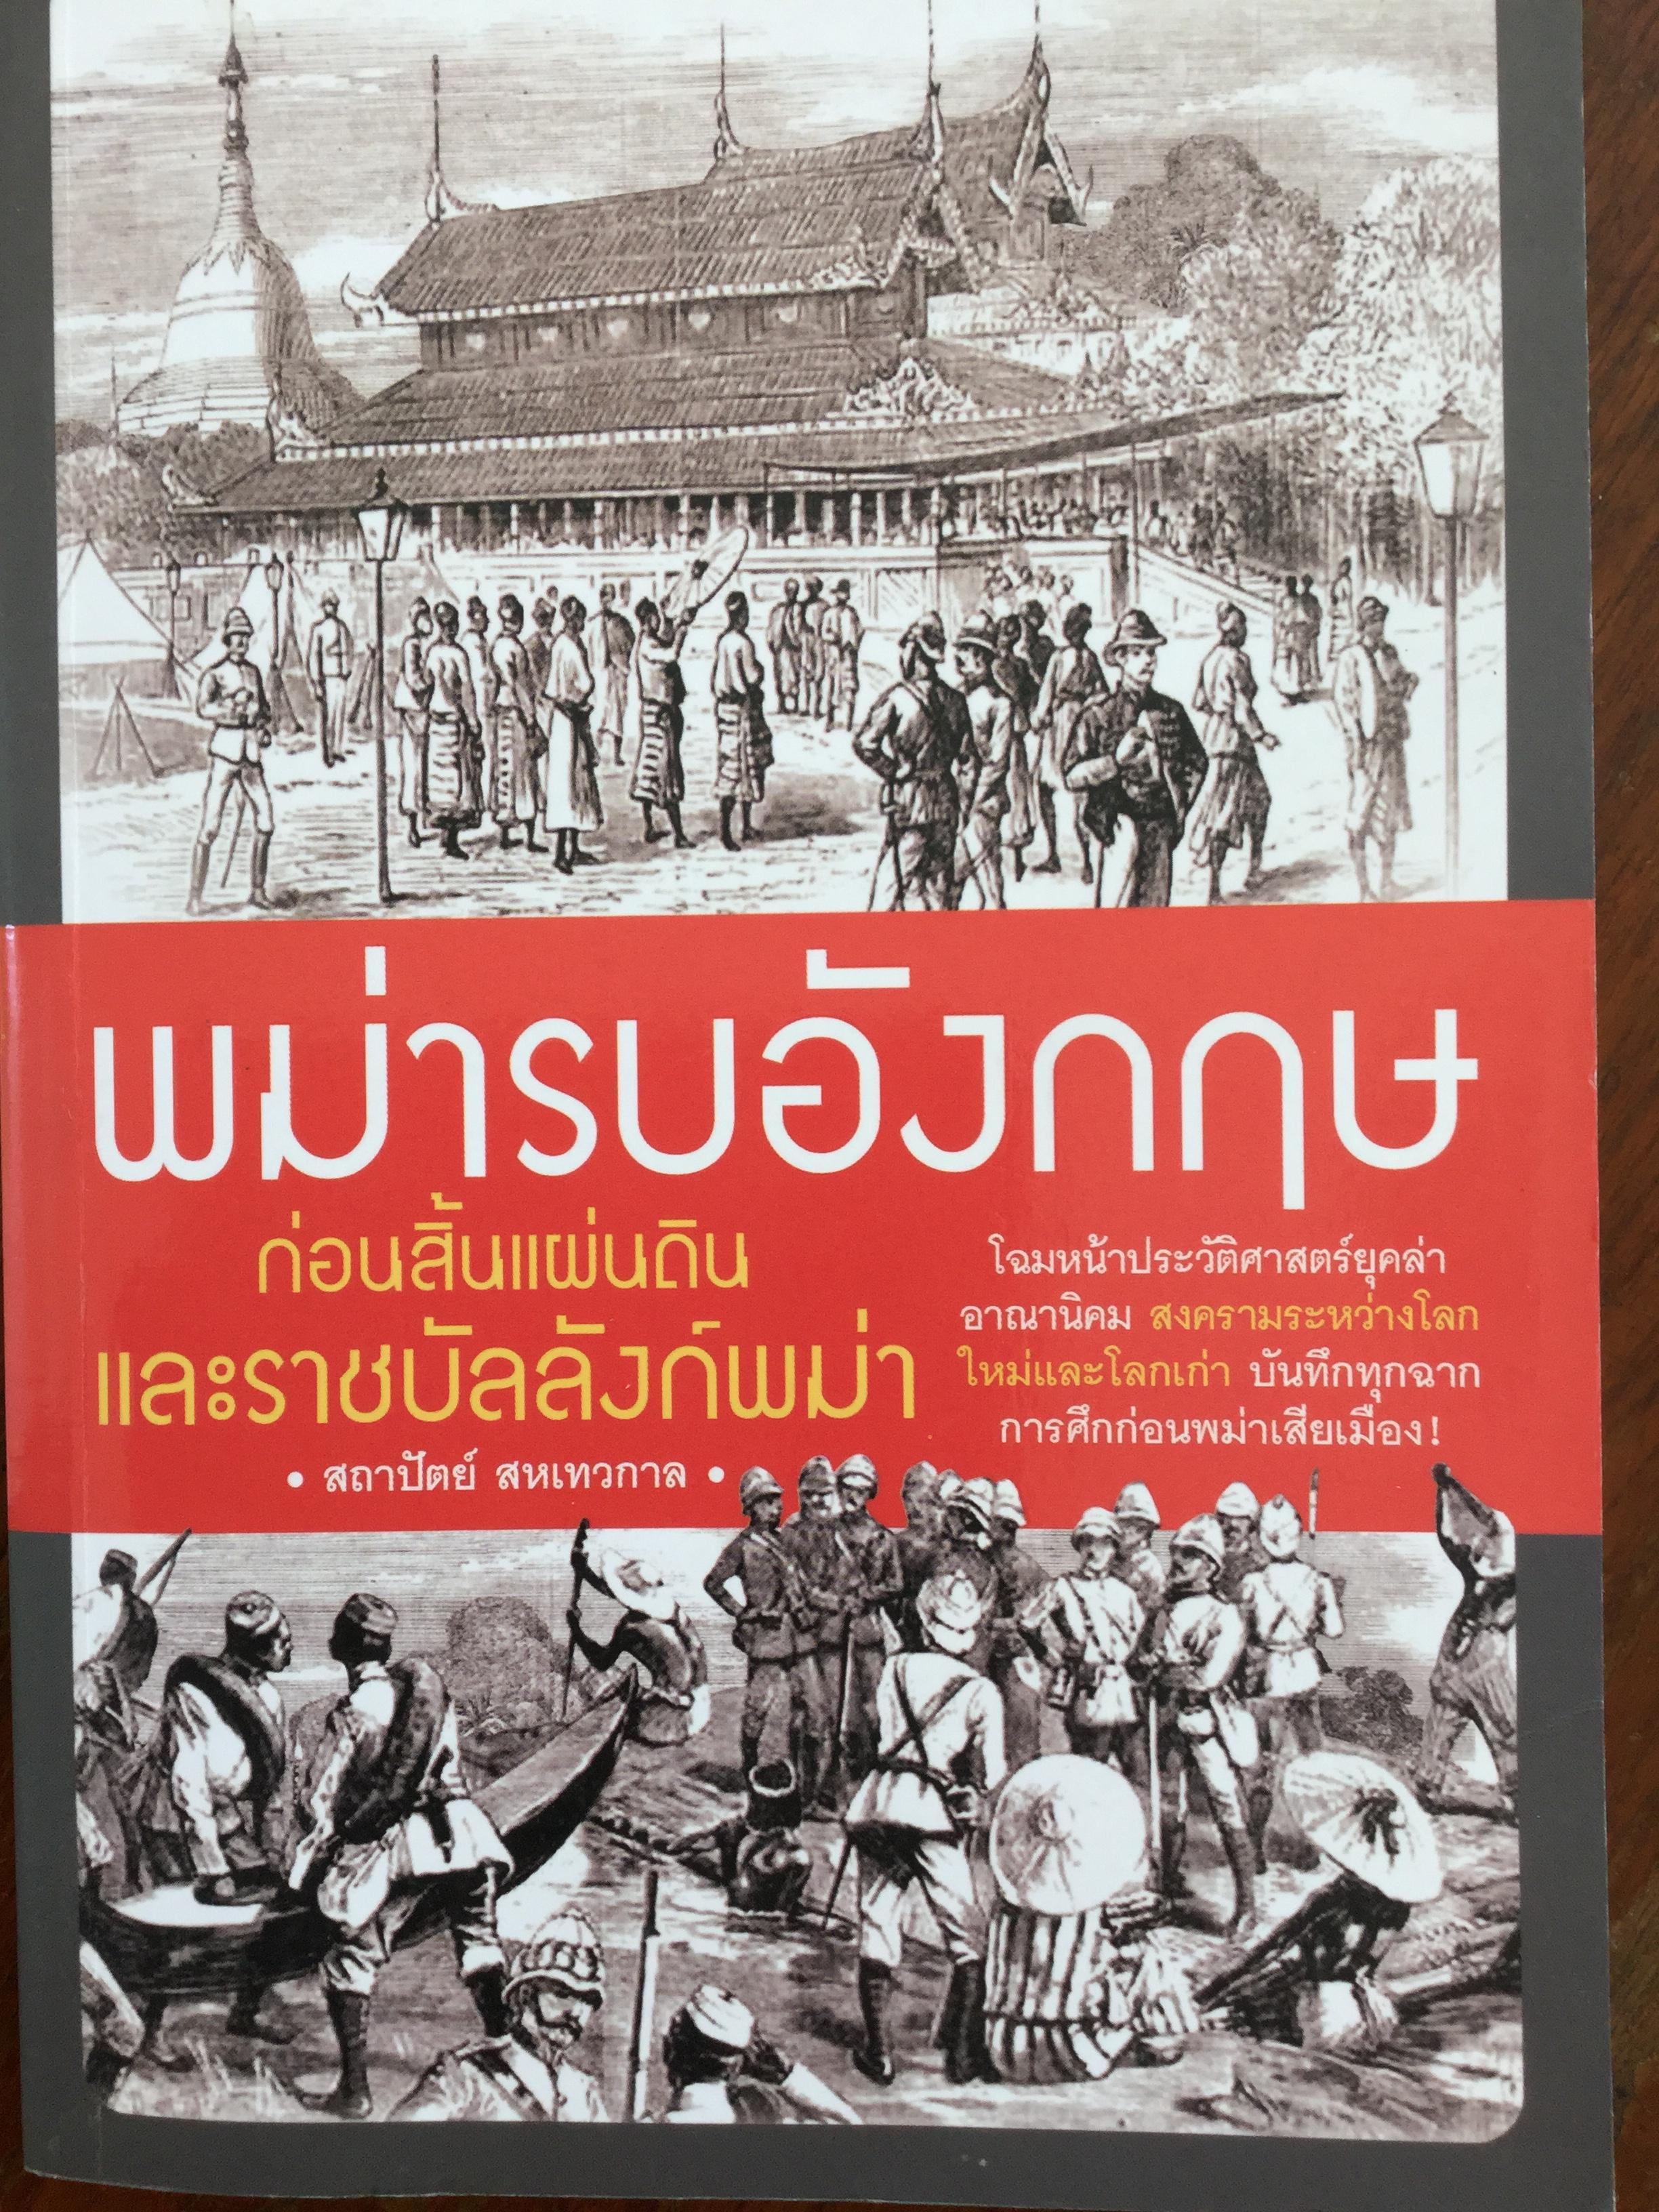 พม่ารบอังกฤษ ก่อนสิ้นแผ่นดินและราชบัลลังก์พม่า. โฉมหน้าประวัติศาสตร์ยุคล่าอาณานิคม สงครามระหว่างโลกใหม่และโลกเก่า บันทึกทุกฉาก การศึกก่อนพม่าเสียเมือง